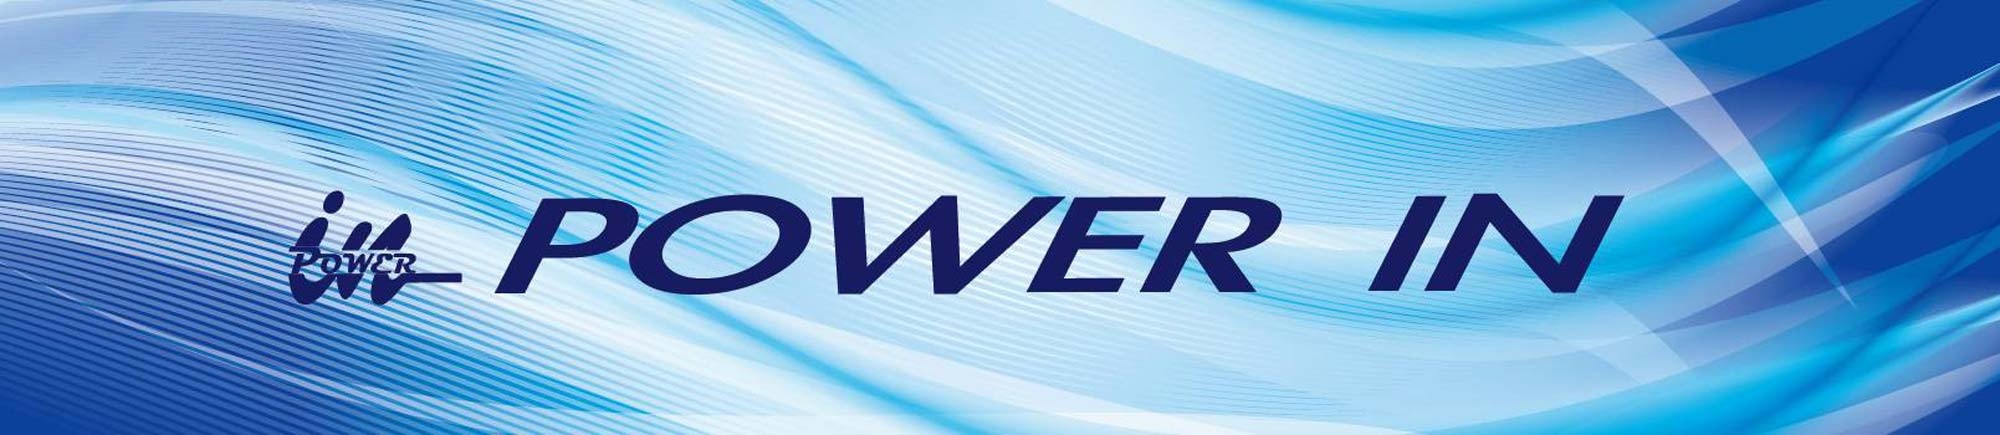 樂活報名網 - 2021 POWER IN RUN阿勃勒花季半馬-POWER IN 運動毛巾